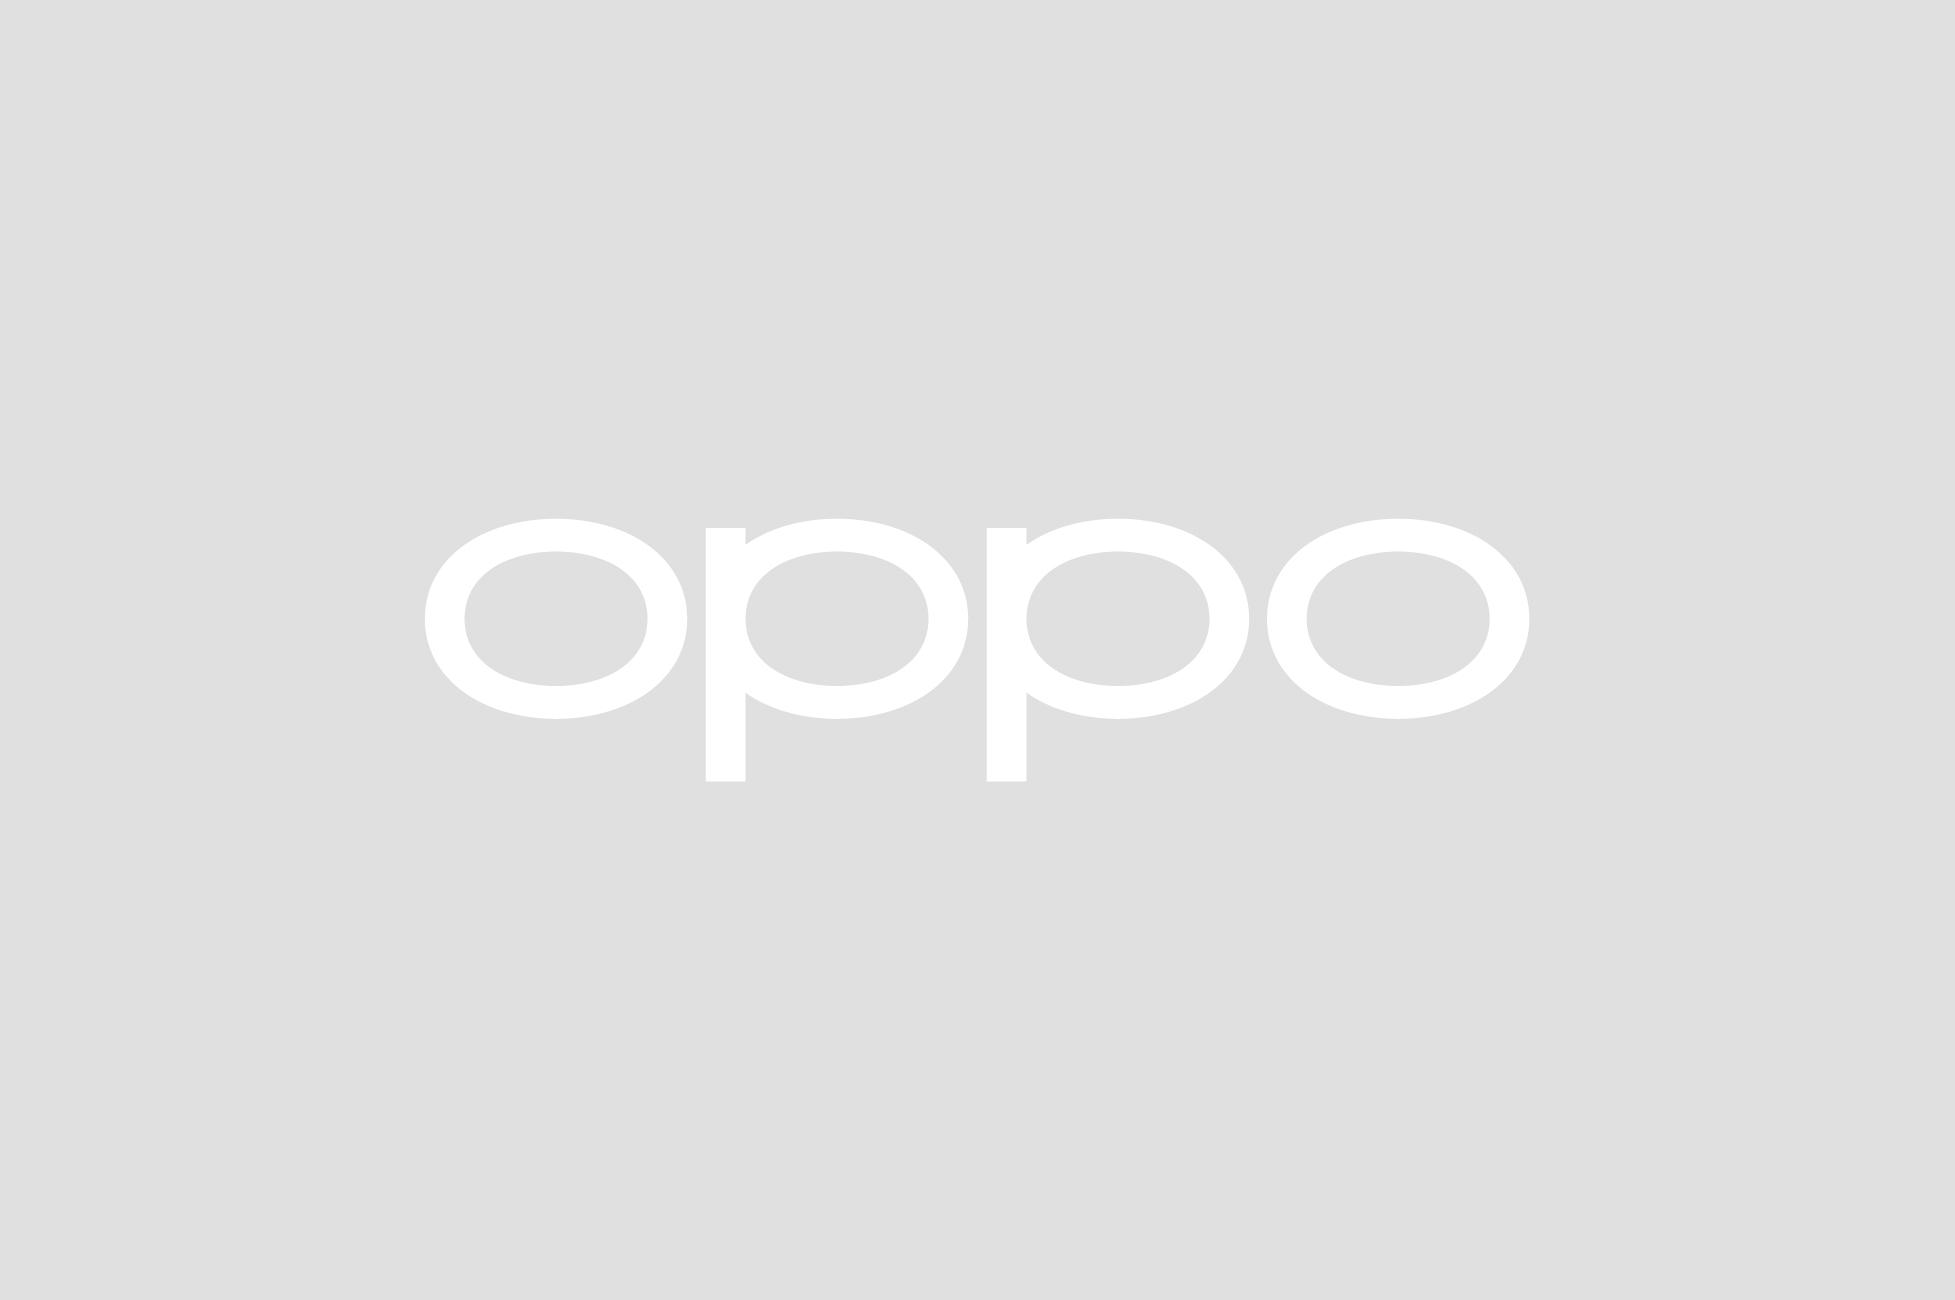 オッポジャパンドメイン変更のお知らせ